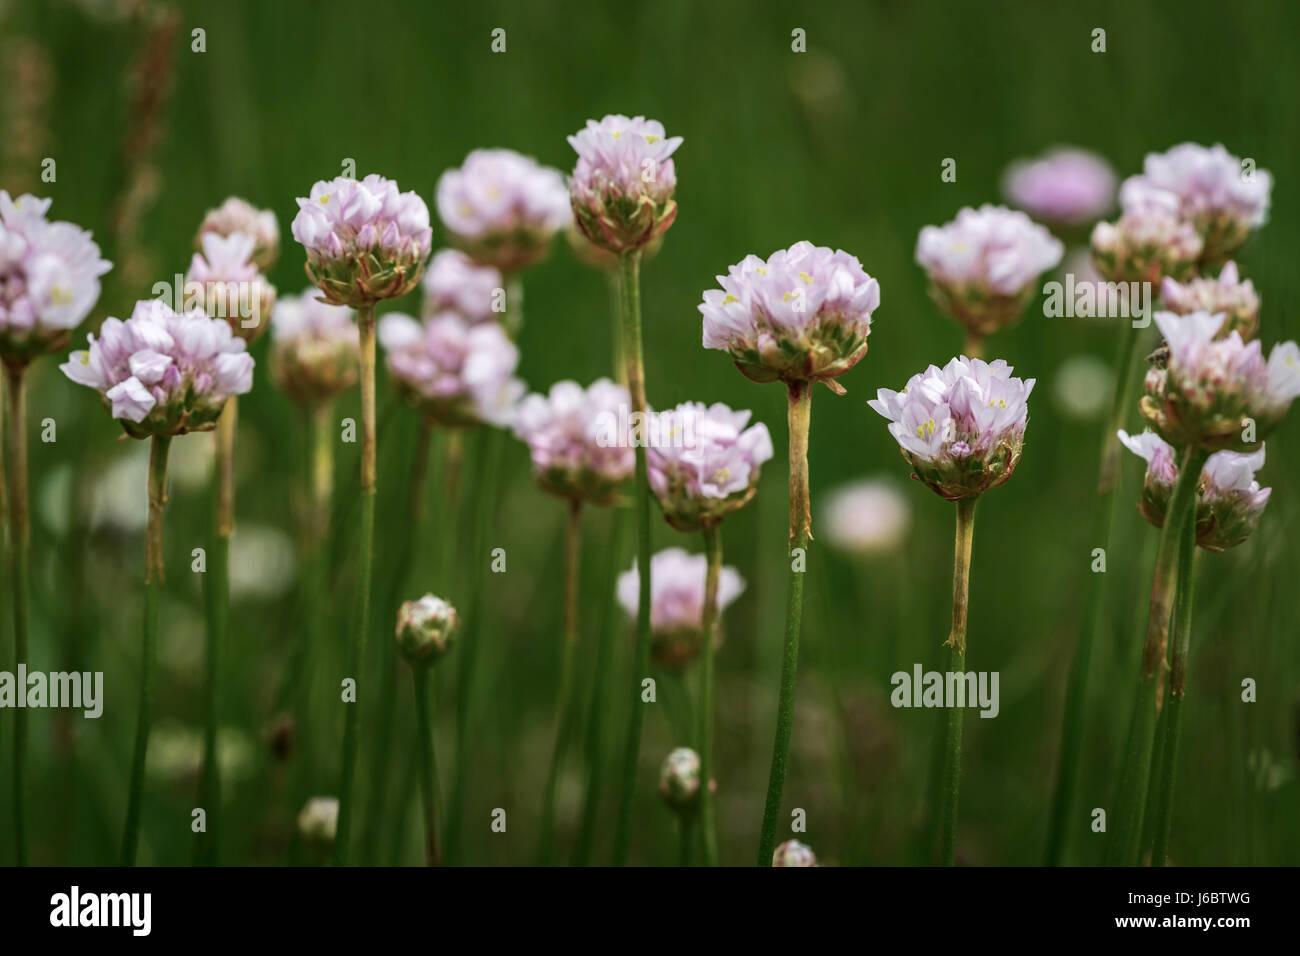 Fotografía artística: Macrophotography de flores de trébol violeta contra el fondo verde Foto de stock